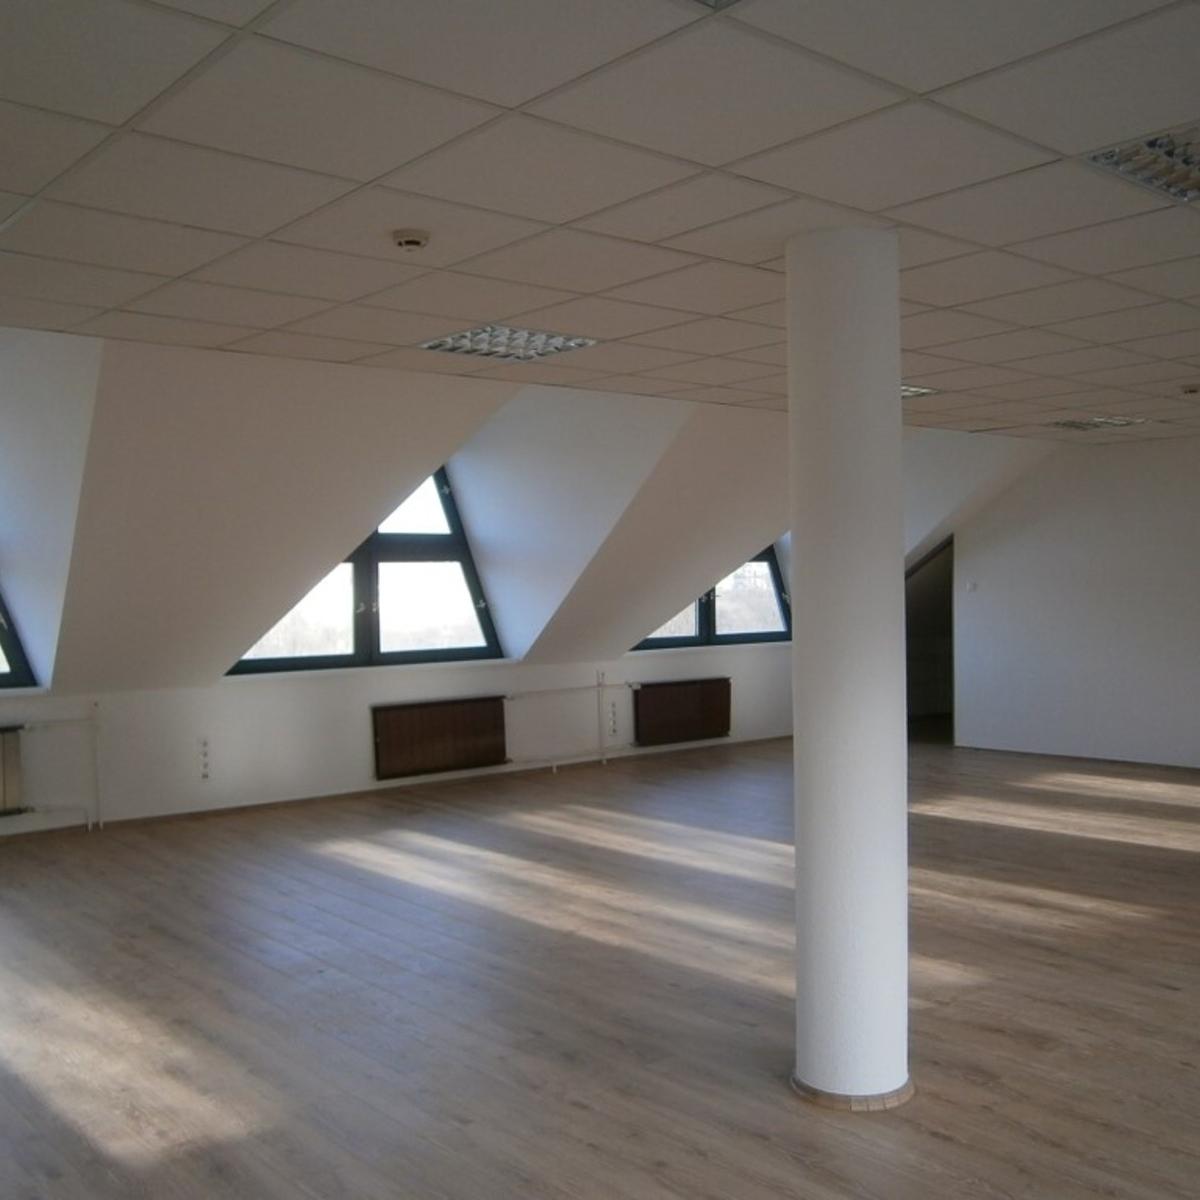 Kiadó  irodaházban B, B+ kat. (Budapest, XII. kerületBudapest, XII. kerület, Városmajor u.) 511,5 E  Ft/hó +ÁFA